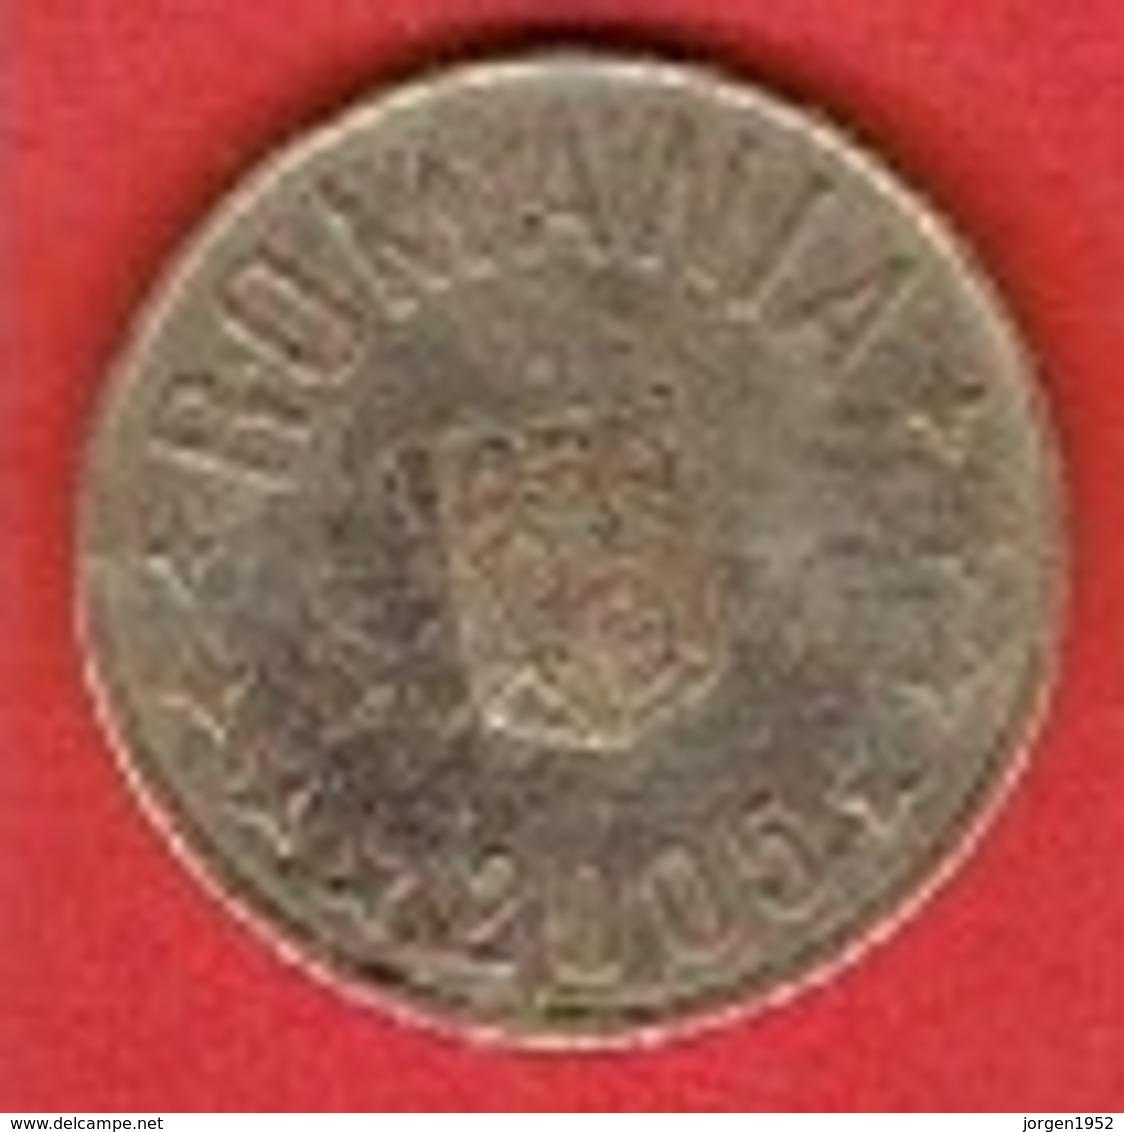 ROMANIA #  50 BANI FROM 2005 - Roumanie